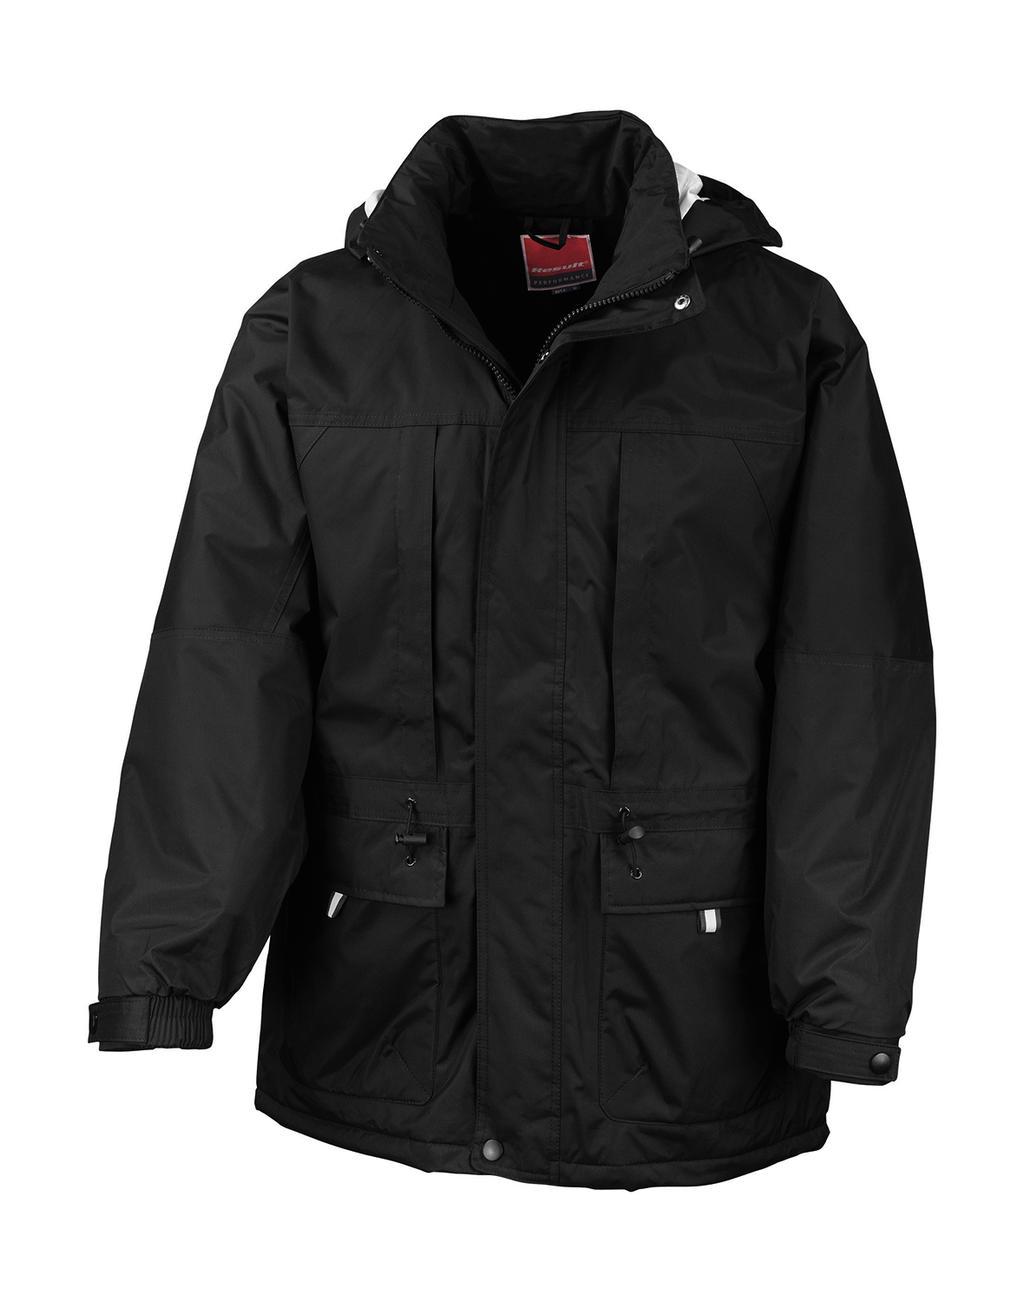 Multifunkèní zimní bunda - zvìtšit obrázek